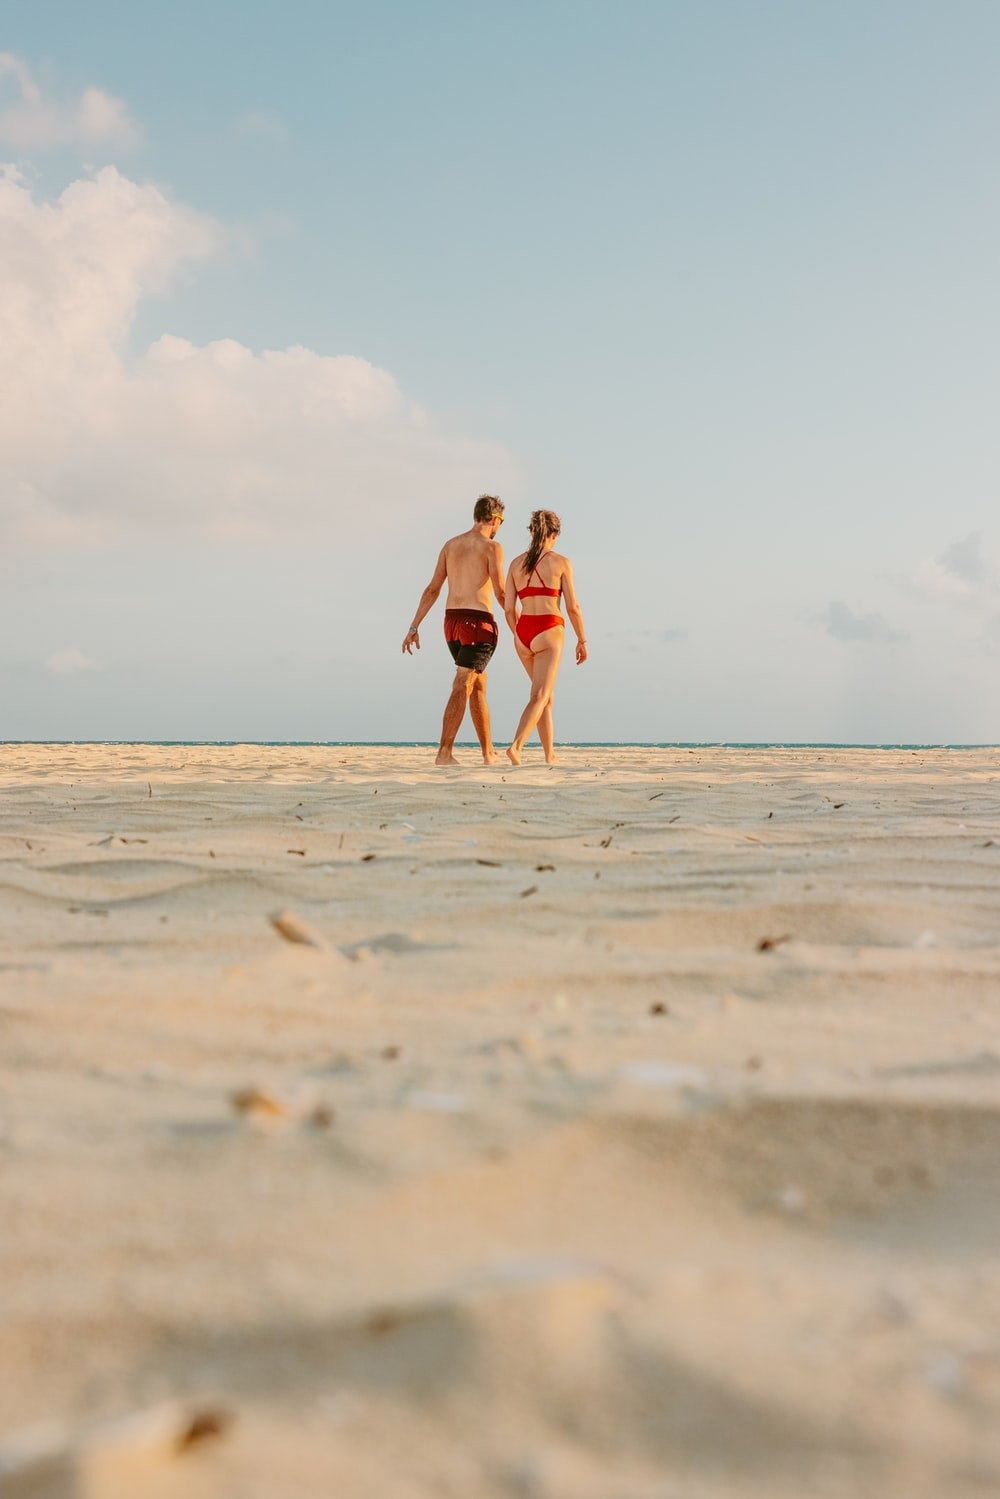 2 women walking on beach during daytime